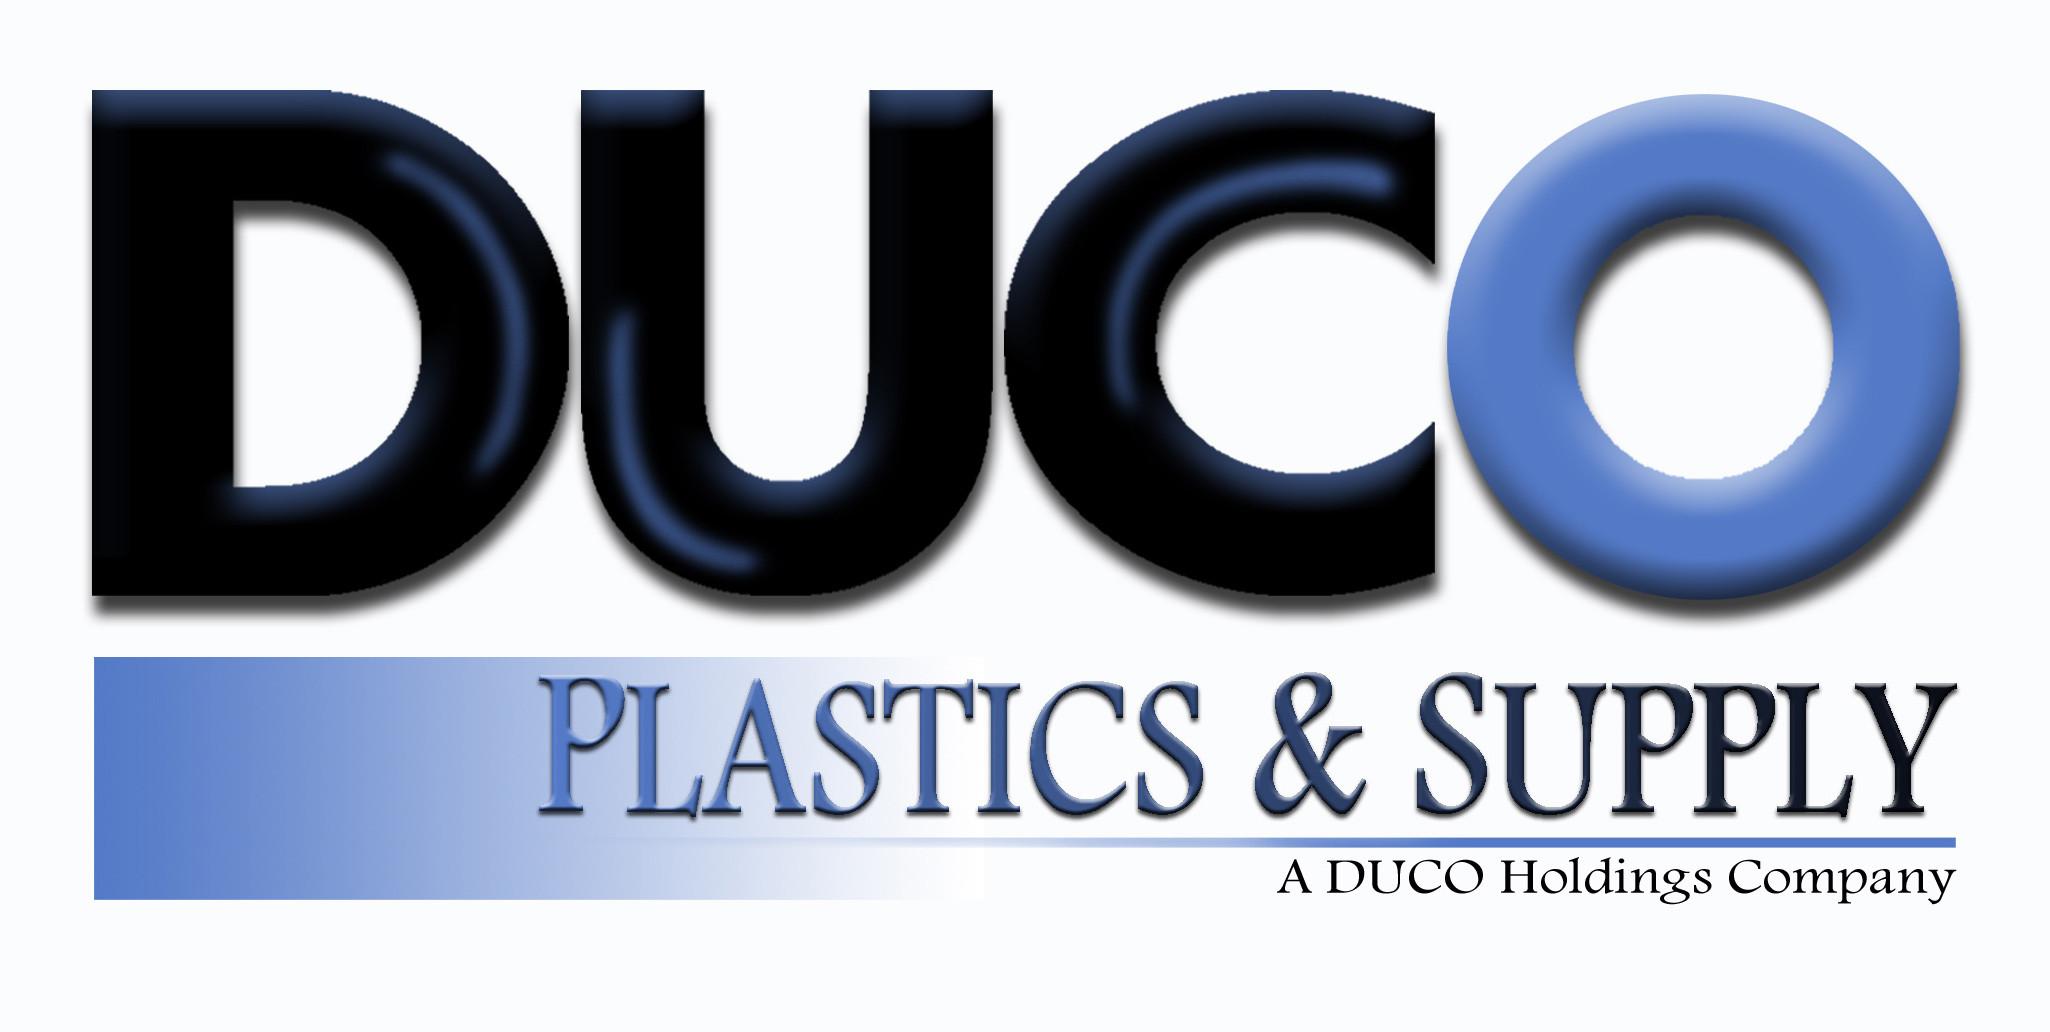 Contact Us Plastics